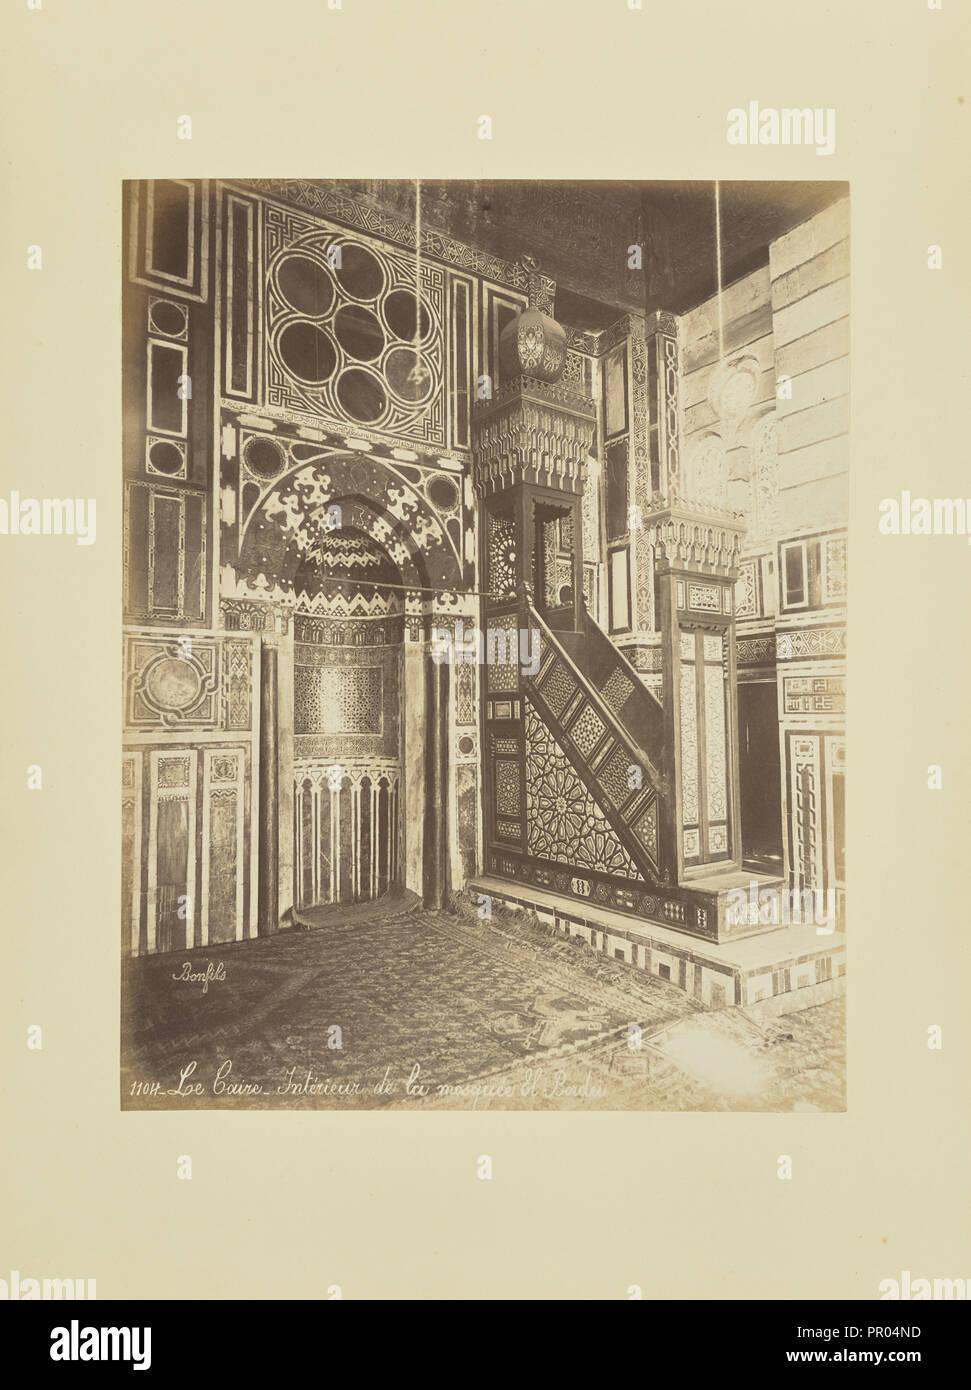 Le Caire - Intérieur de la mosquée El-Bordei; Félix Bonfils, Französisch, 1831-1885, 1870; Eiklar silber Drucken Stockbild